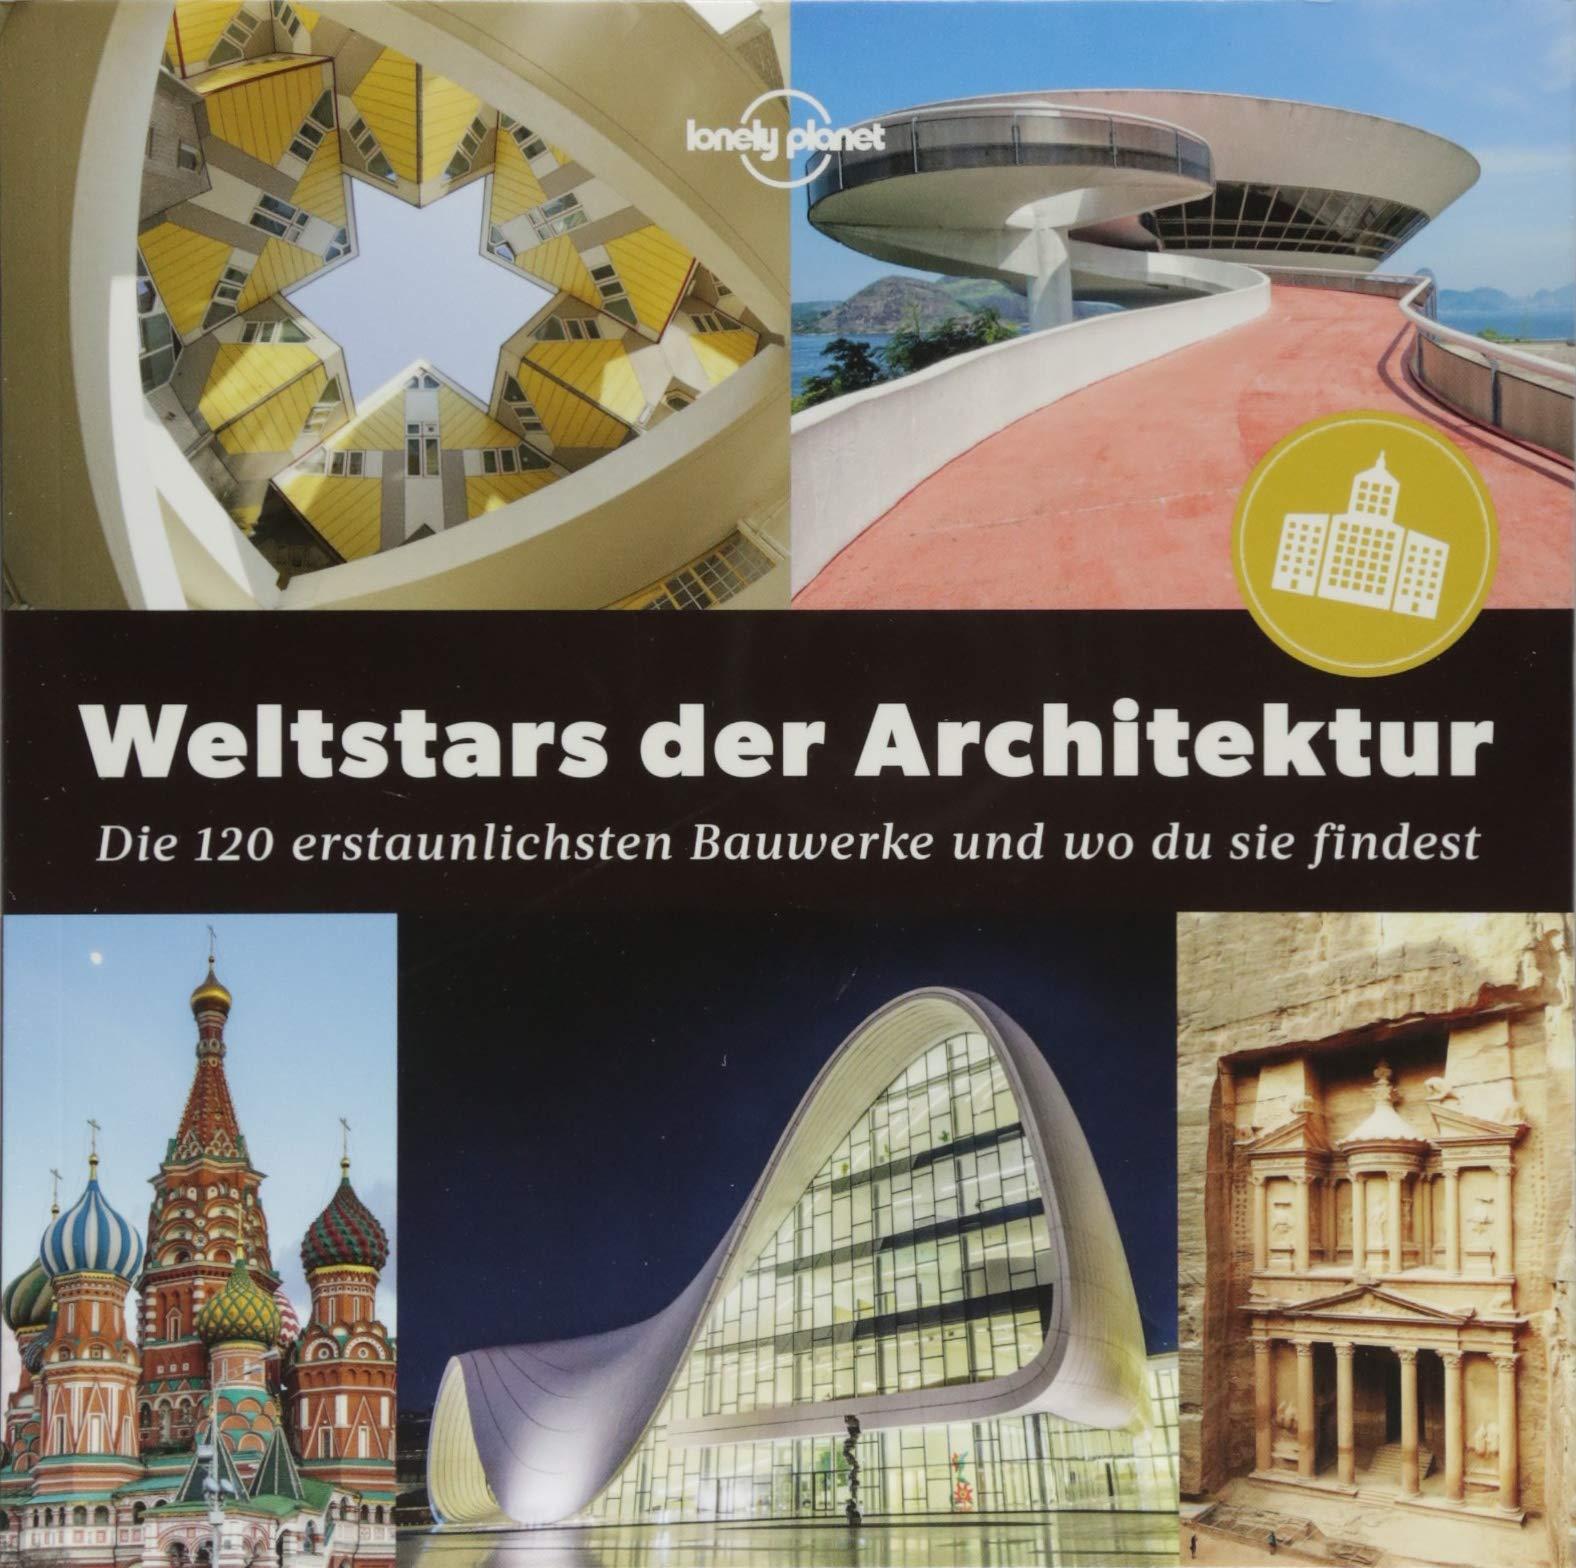 Weltstars der Architektur: Die 120 erstaunlichsten Bauwerke und wo man sie findet (Lonely Planet Reisebildbände)